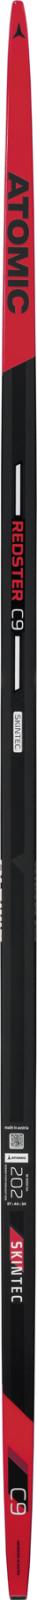 Atomic Redster C9 Skintec